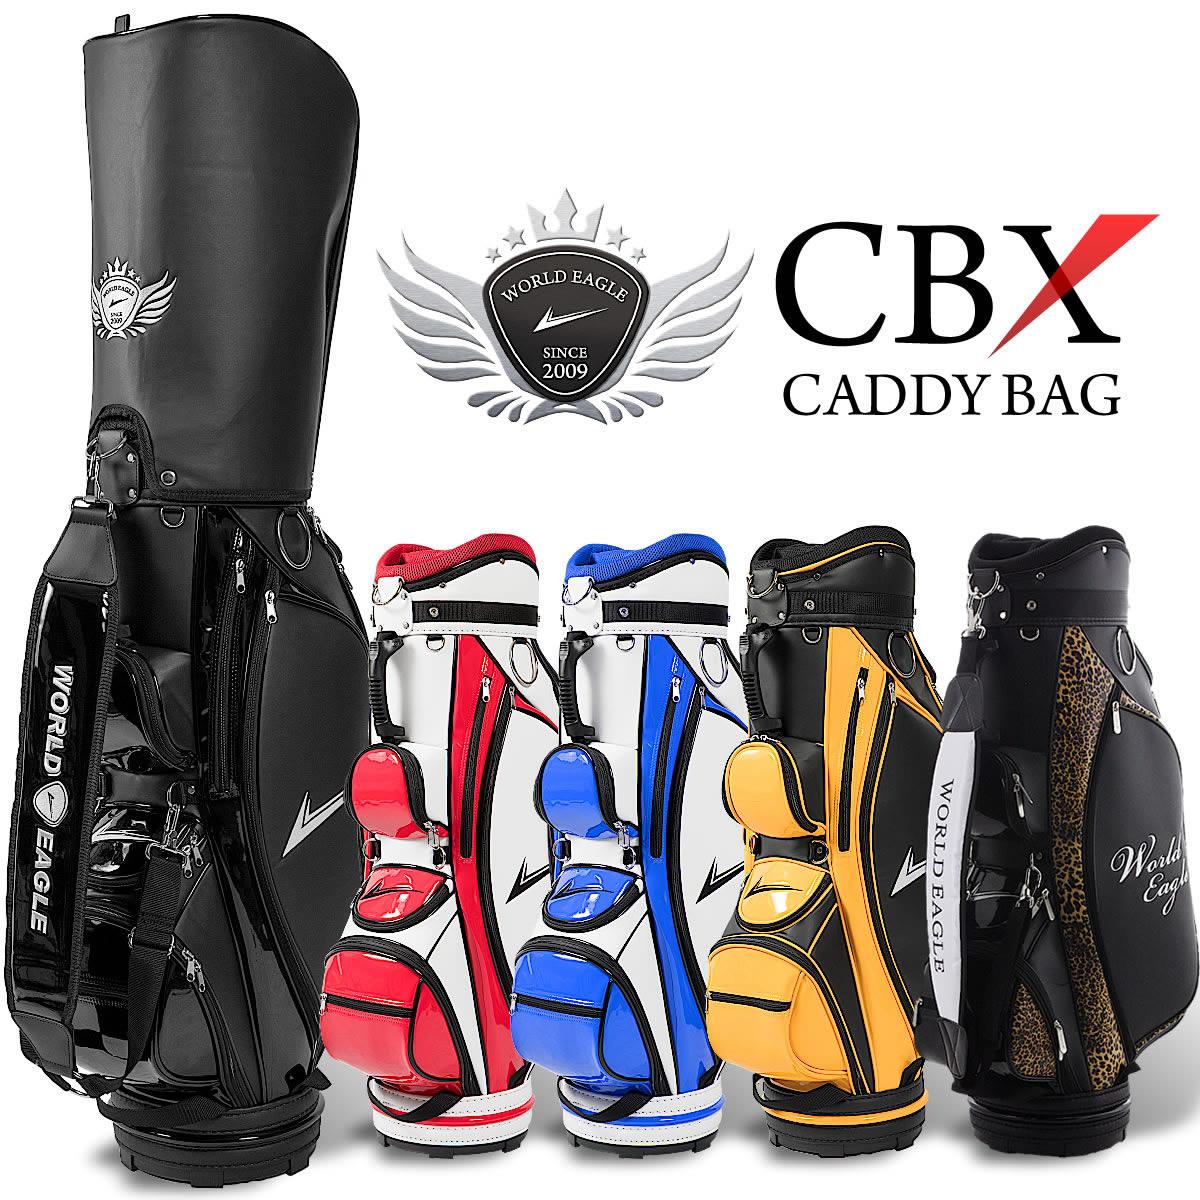 軽量ゴルフバッグ ワールドイーグル CBX キャディバッグ エナメルと刺繍がかっこいいカートバッグ 収納多数ポケット10箇所【ssglbg】【あす楽】